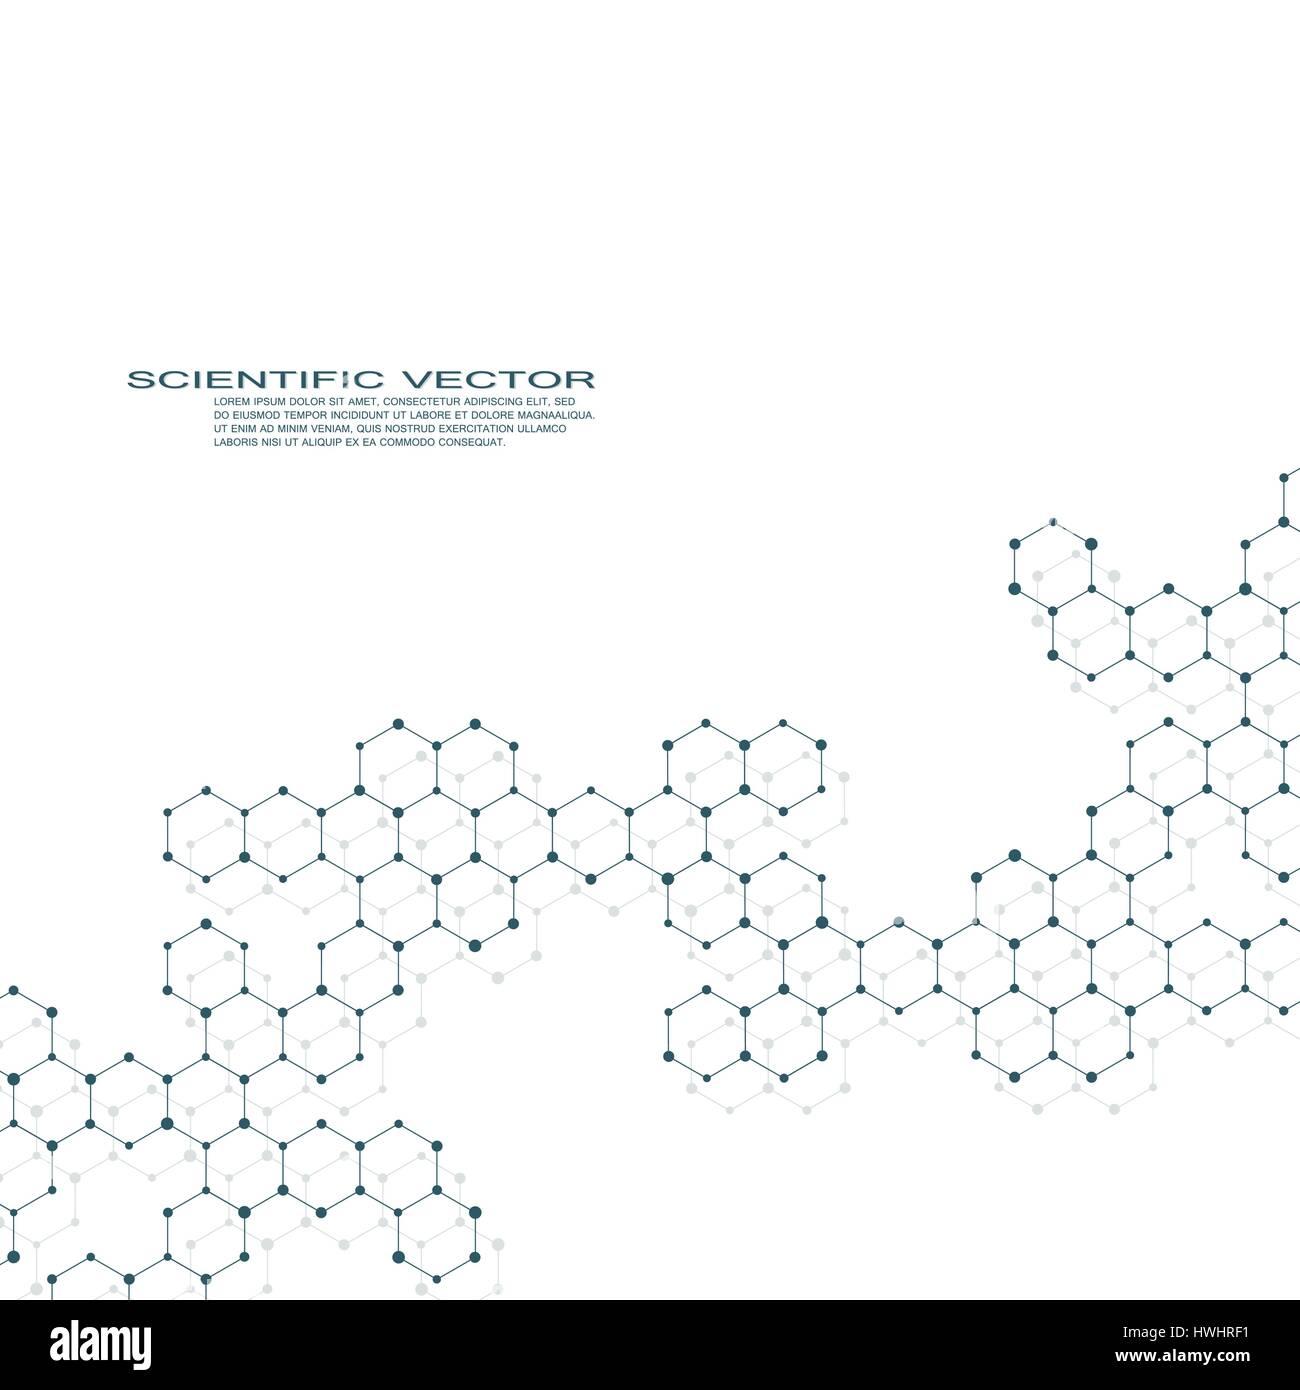 Sechseckige Molekül Dna Molekulare Struktur Der Neuronen